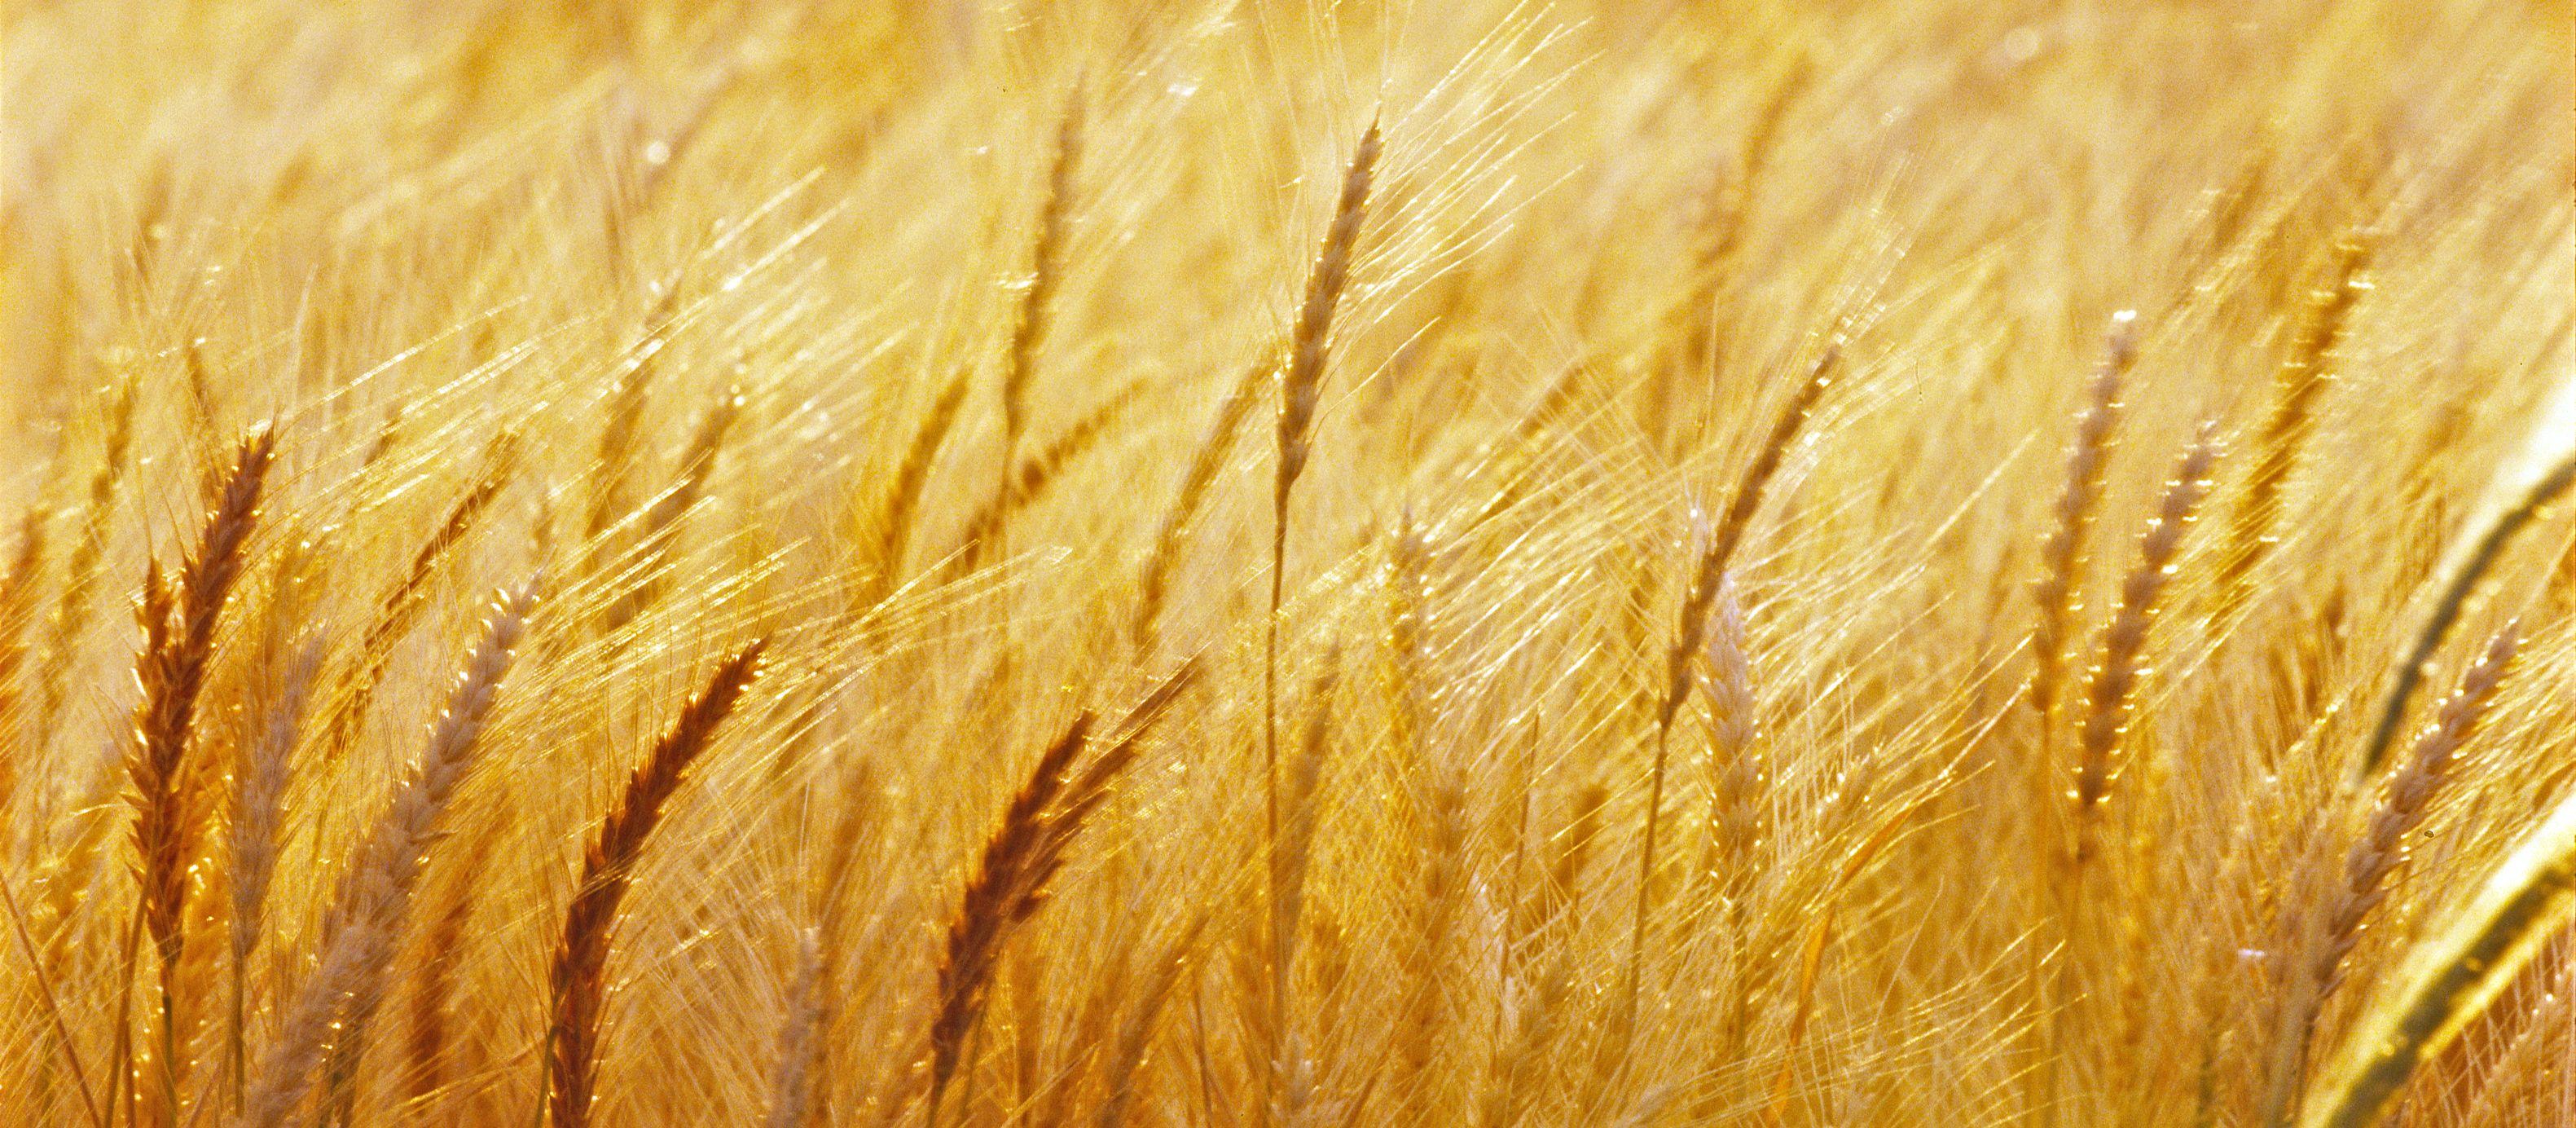 Weizenfeld im Mittleren Westen